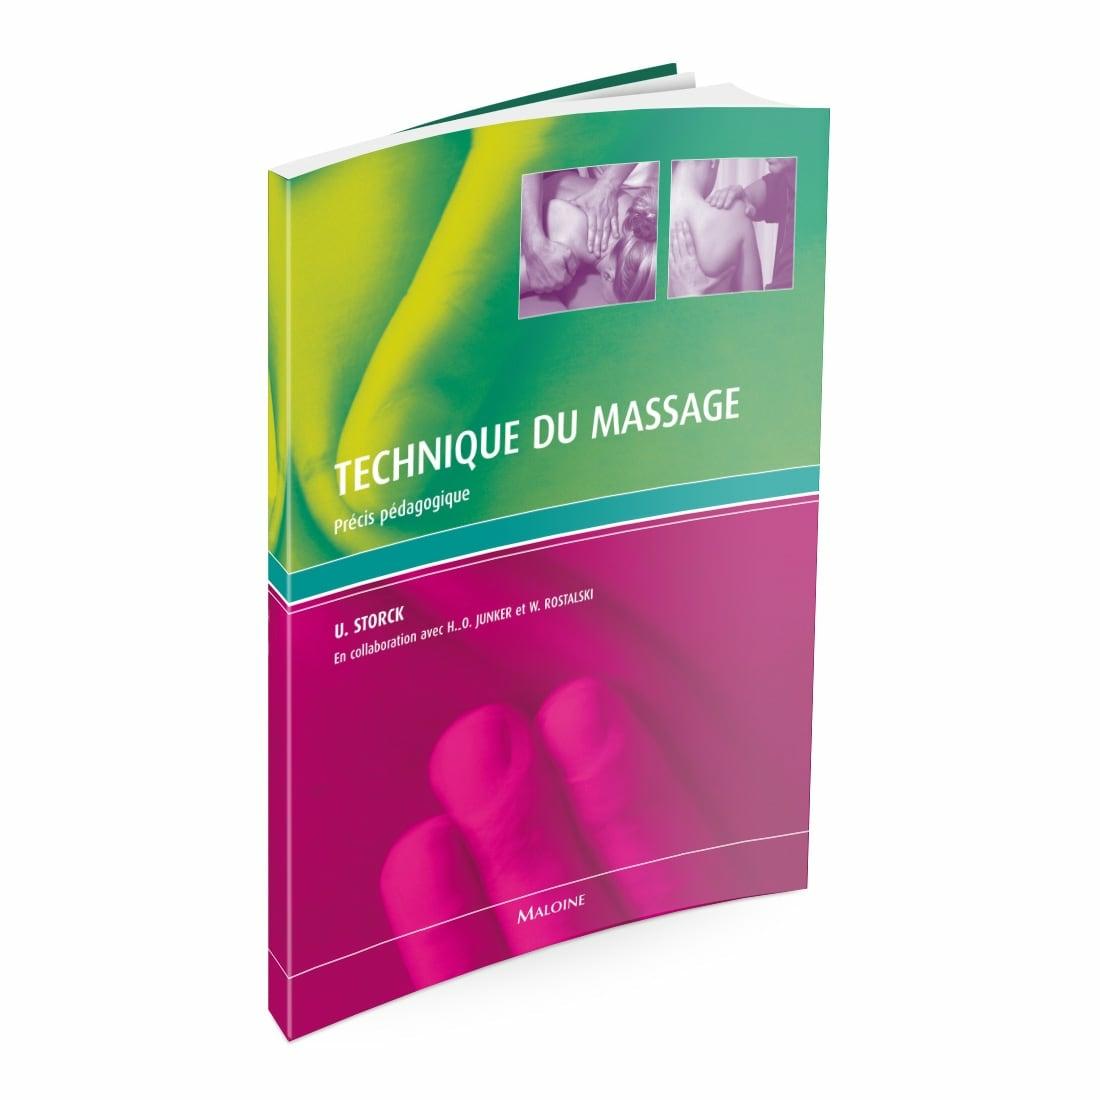 Technique du massage - Précis pédagogique